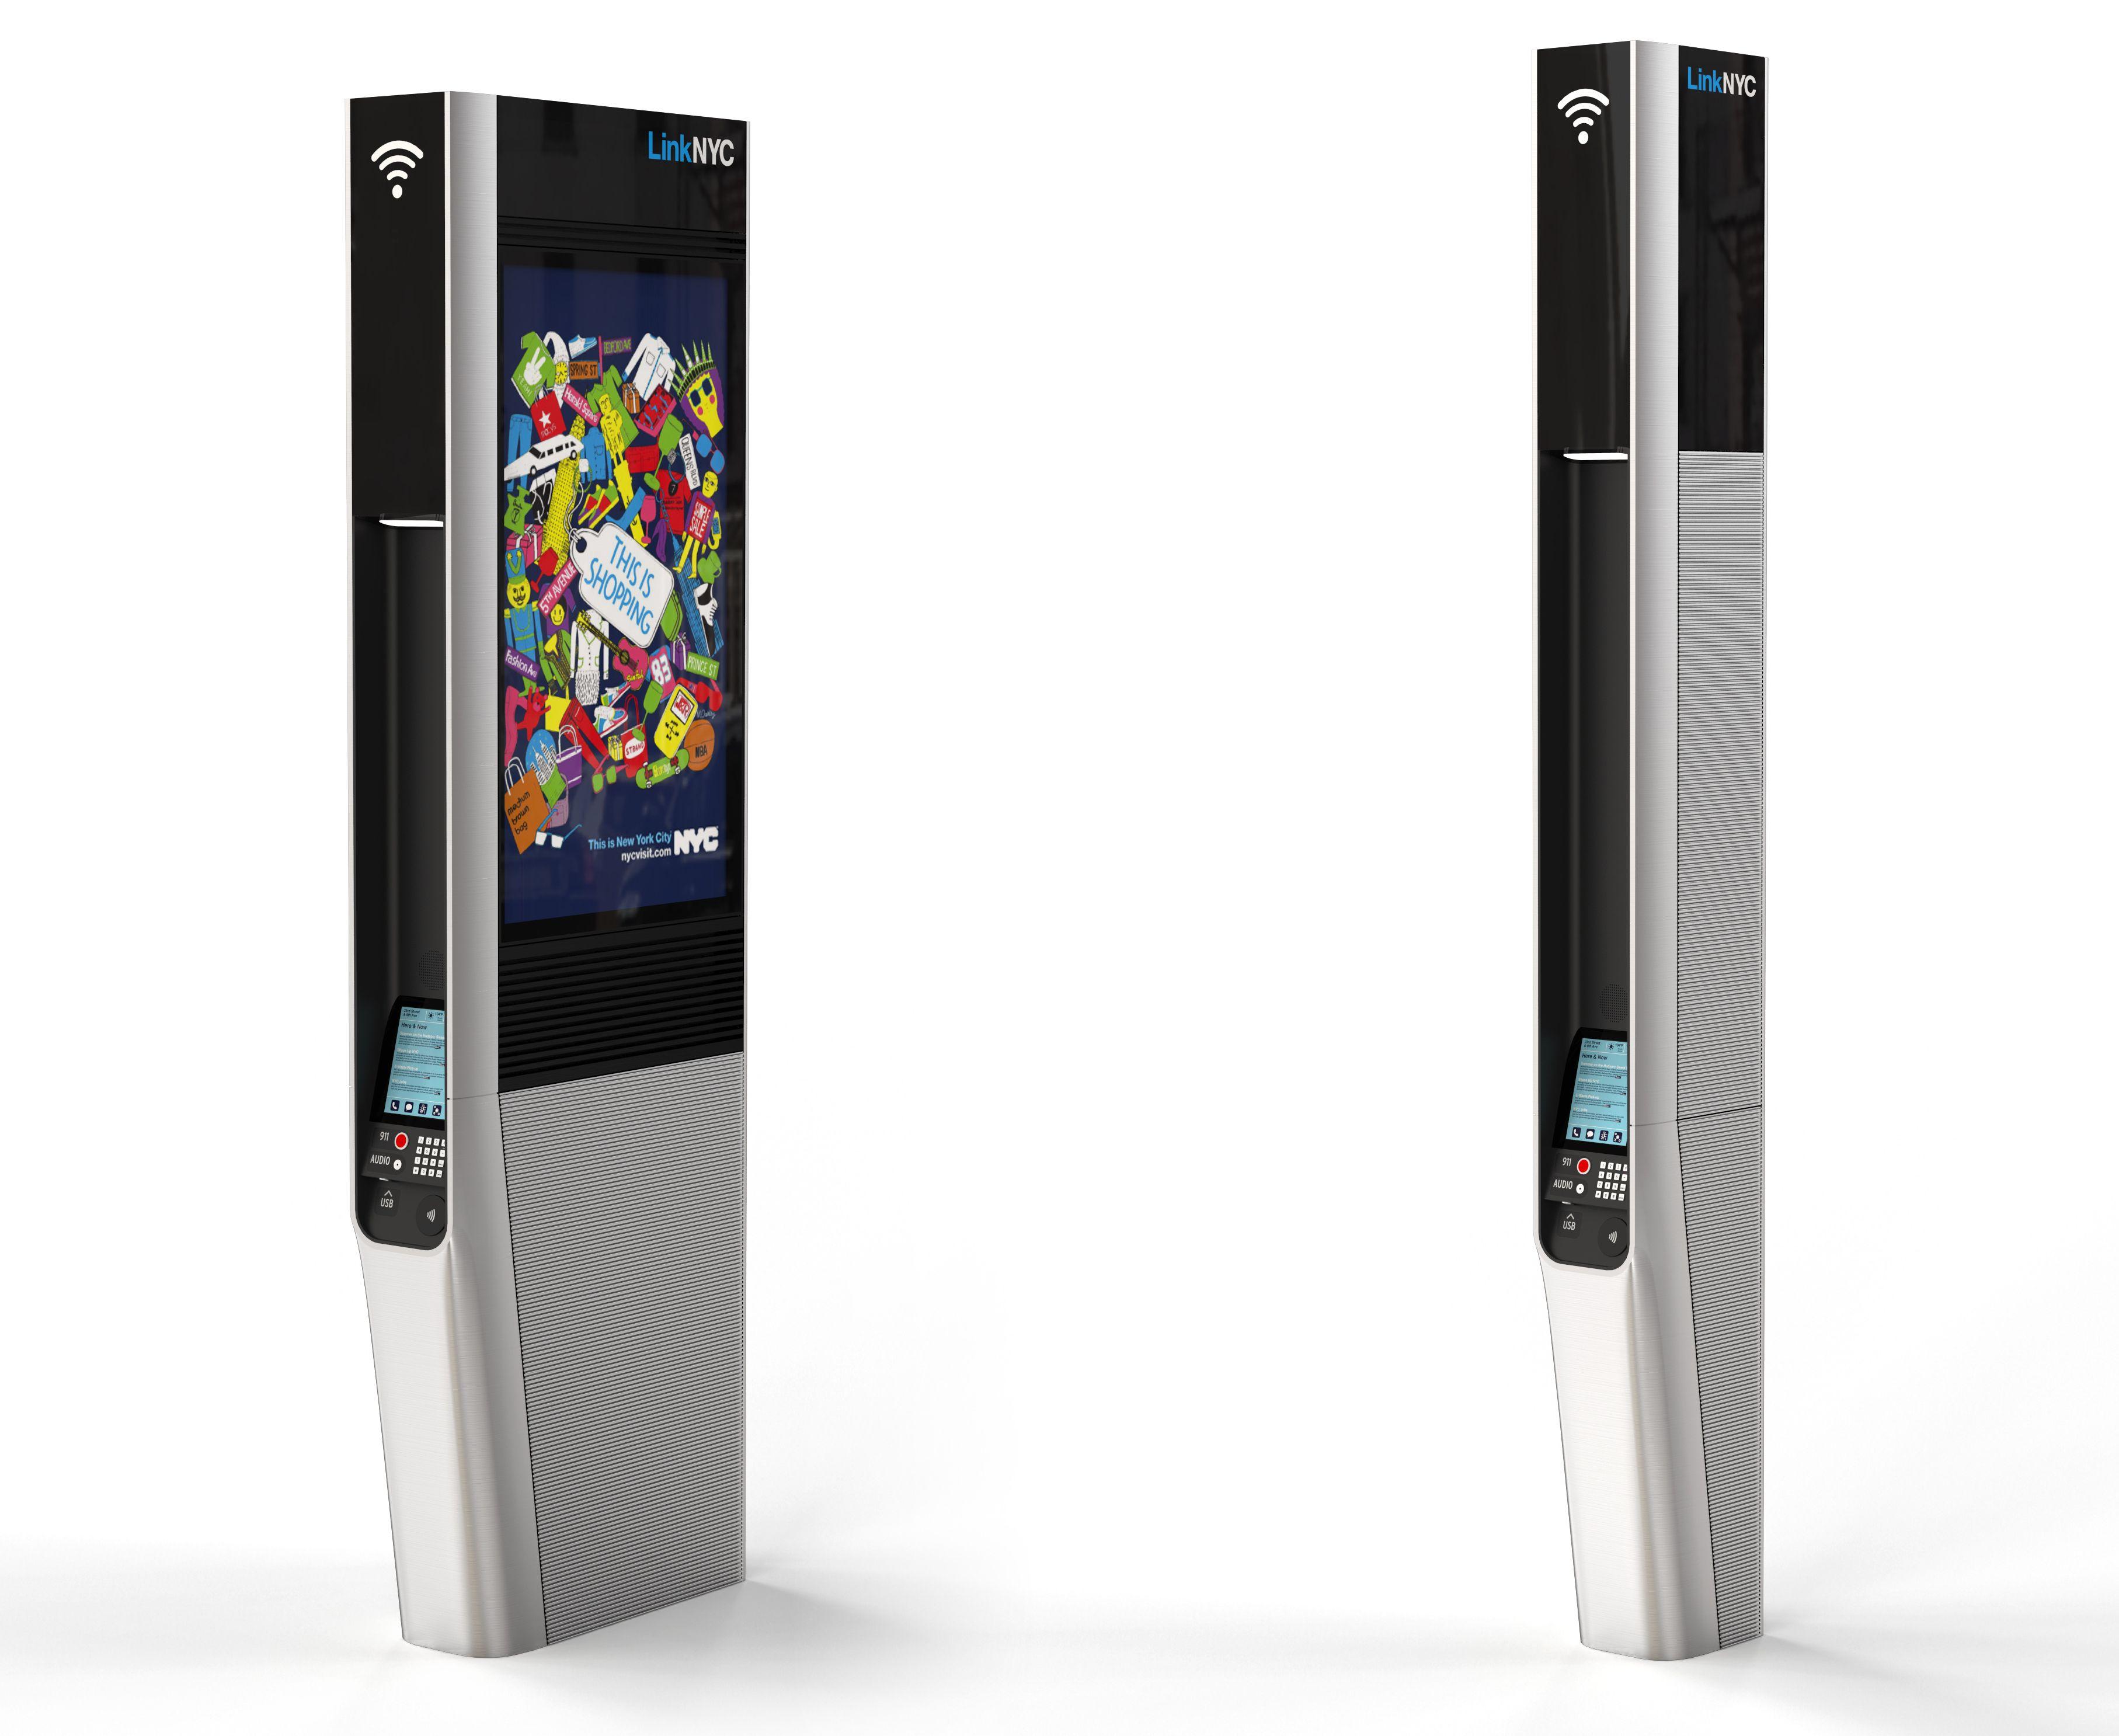 Trạm phát Wifi miễn phí ở thành phố New York sẽ đảm nhiệm luôn vai trò của những biển quảng cáo